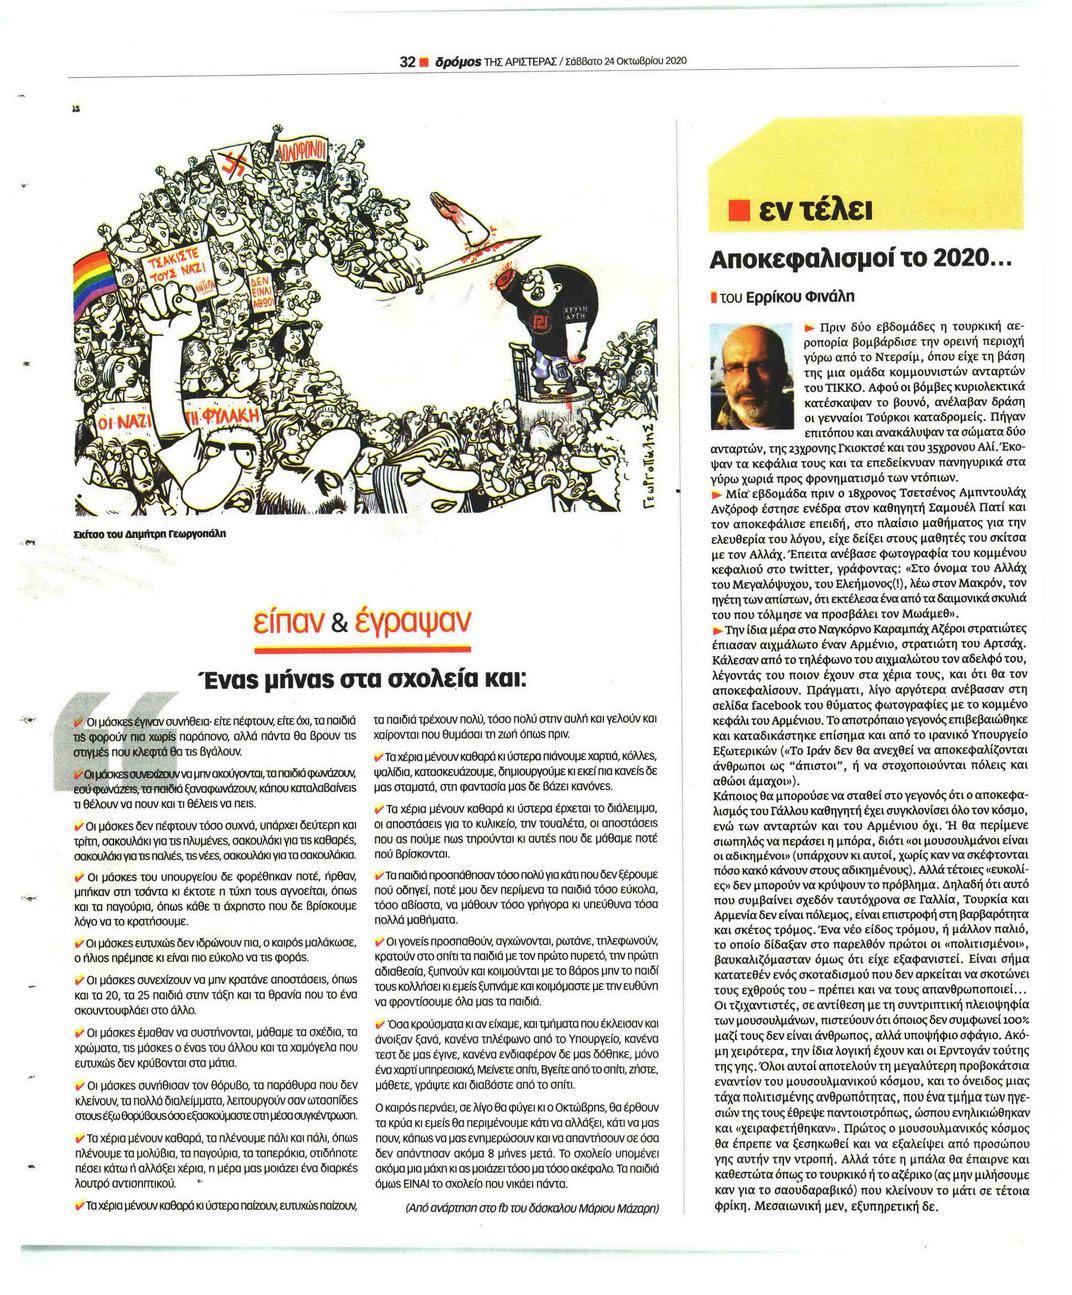 Οπισθόφυλλο εφημερίδας Δρόμος